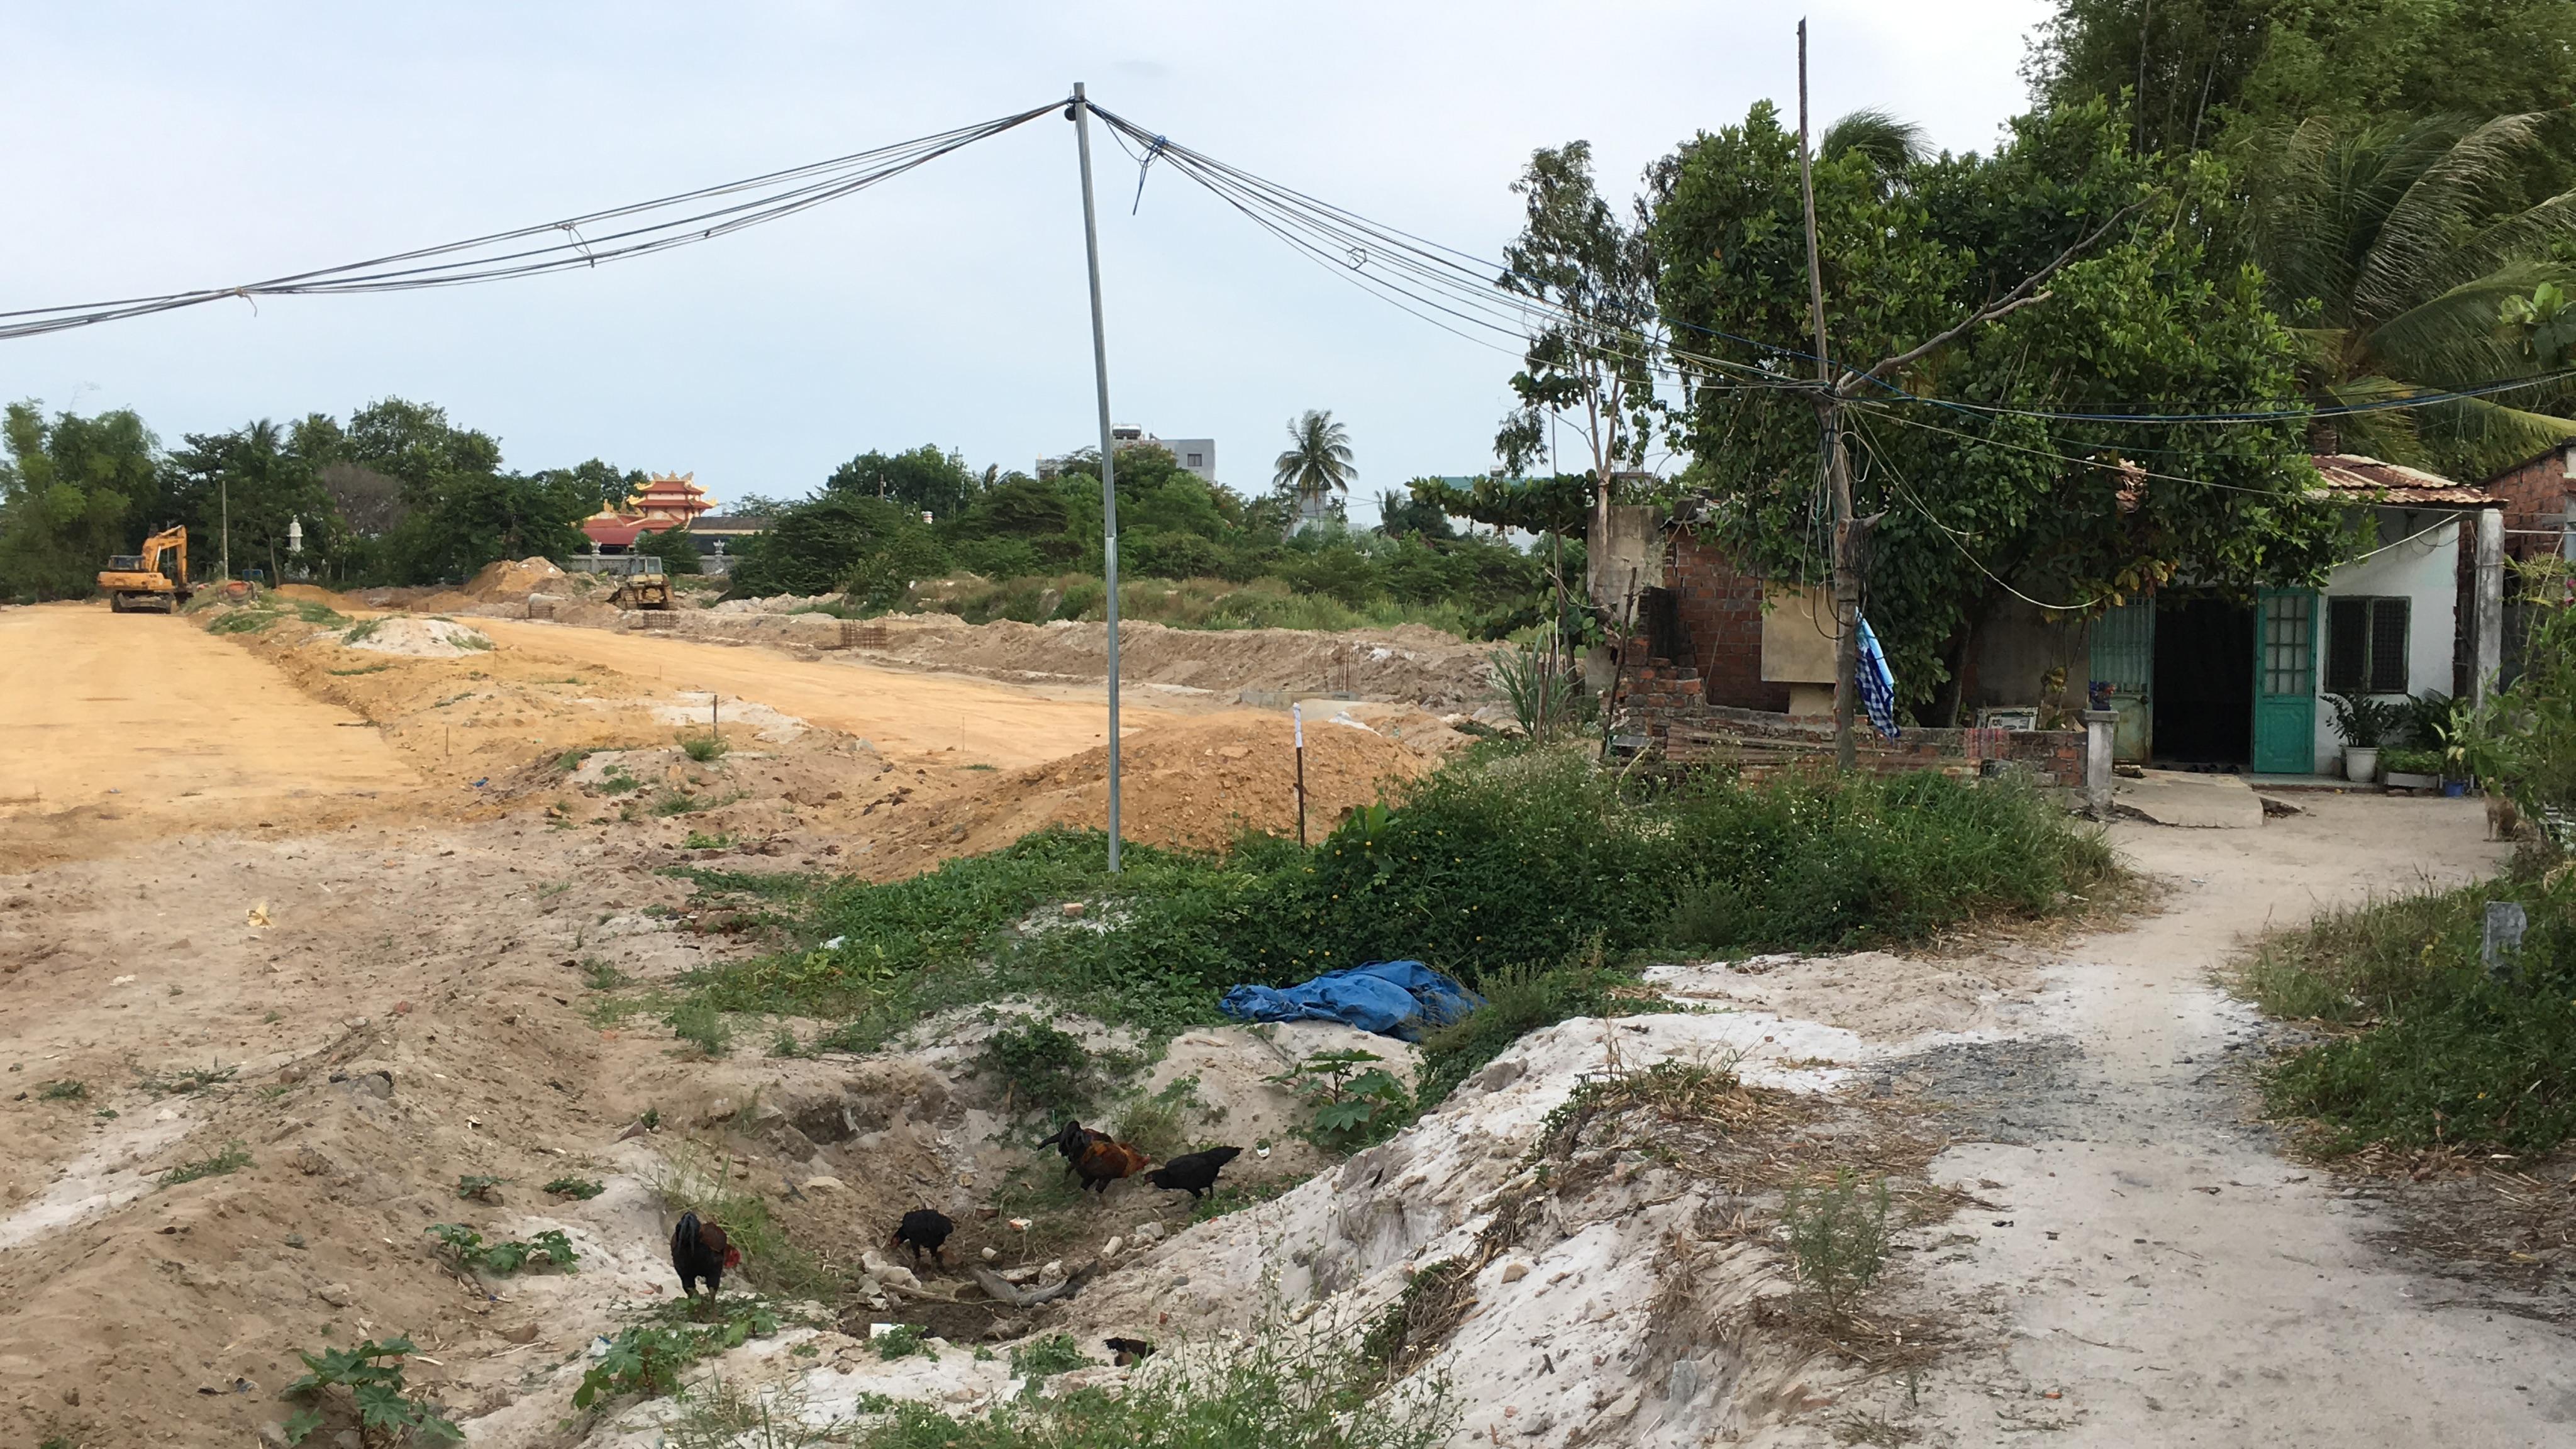 Tuyến đường trục 1 Tây Bắc đang mở theo qui hoạch ở quận Liên Chiểu, Đà Nẵng - Ảnh 16.